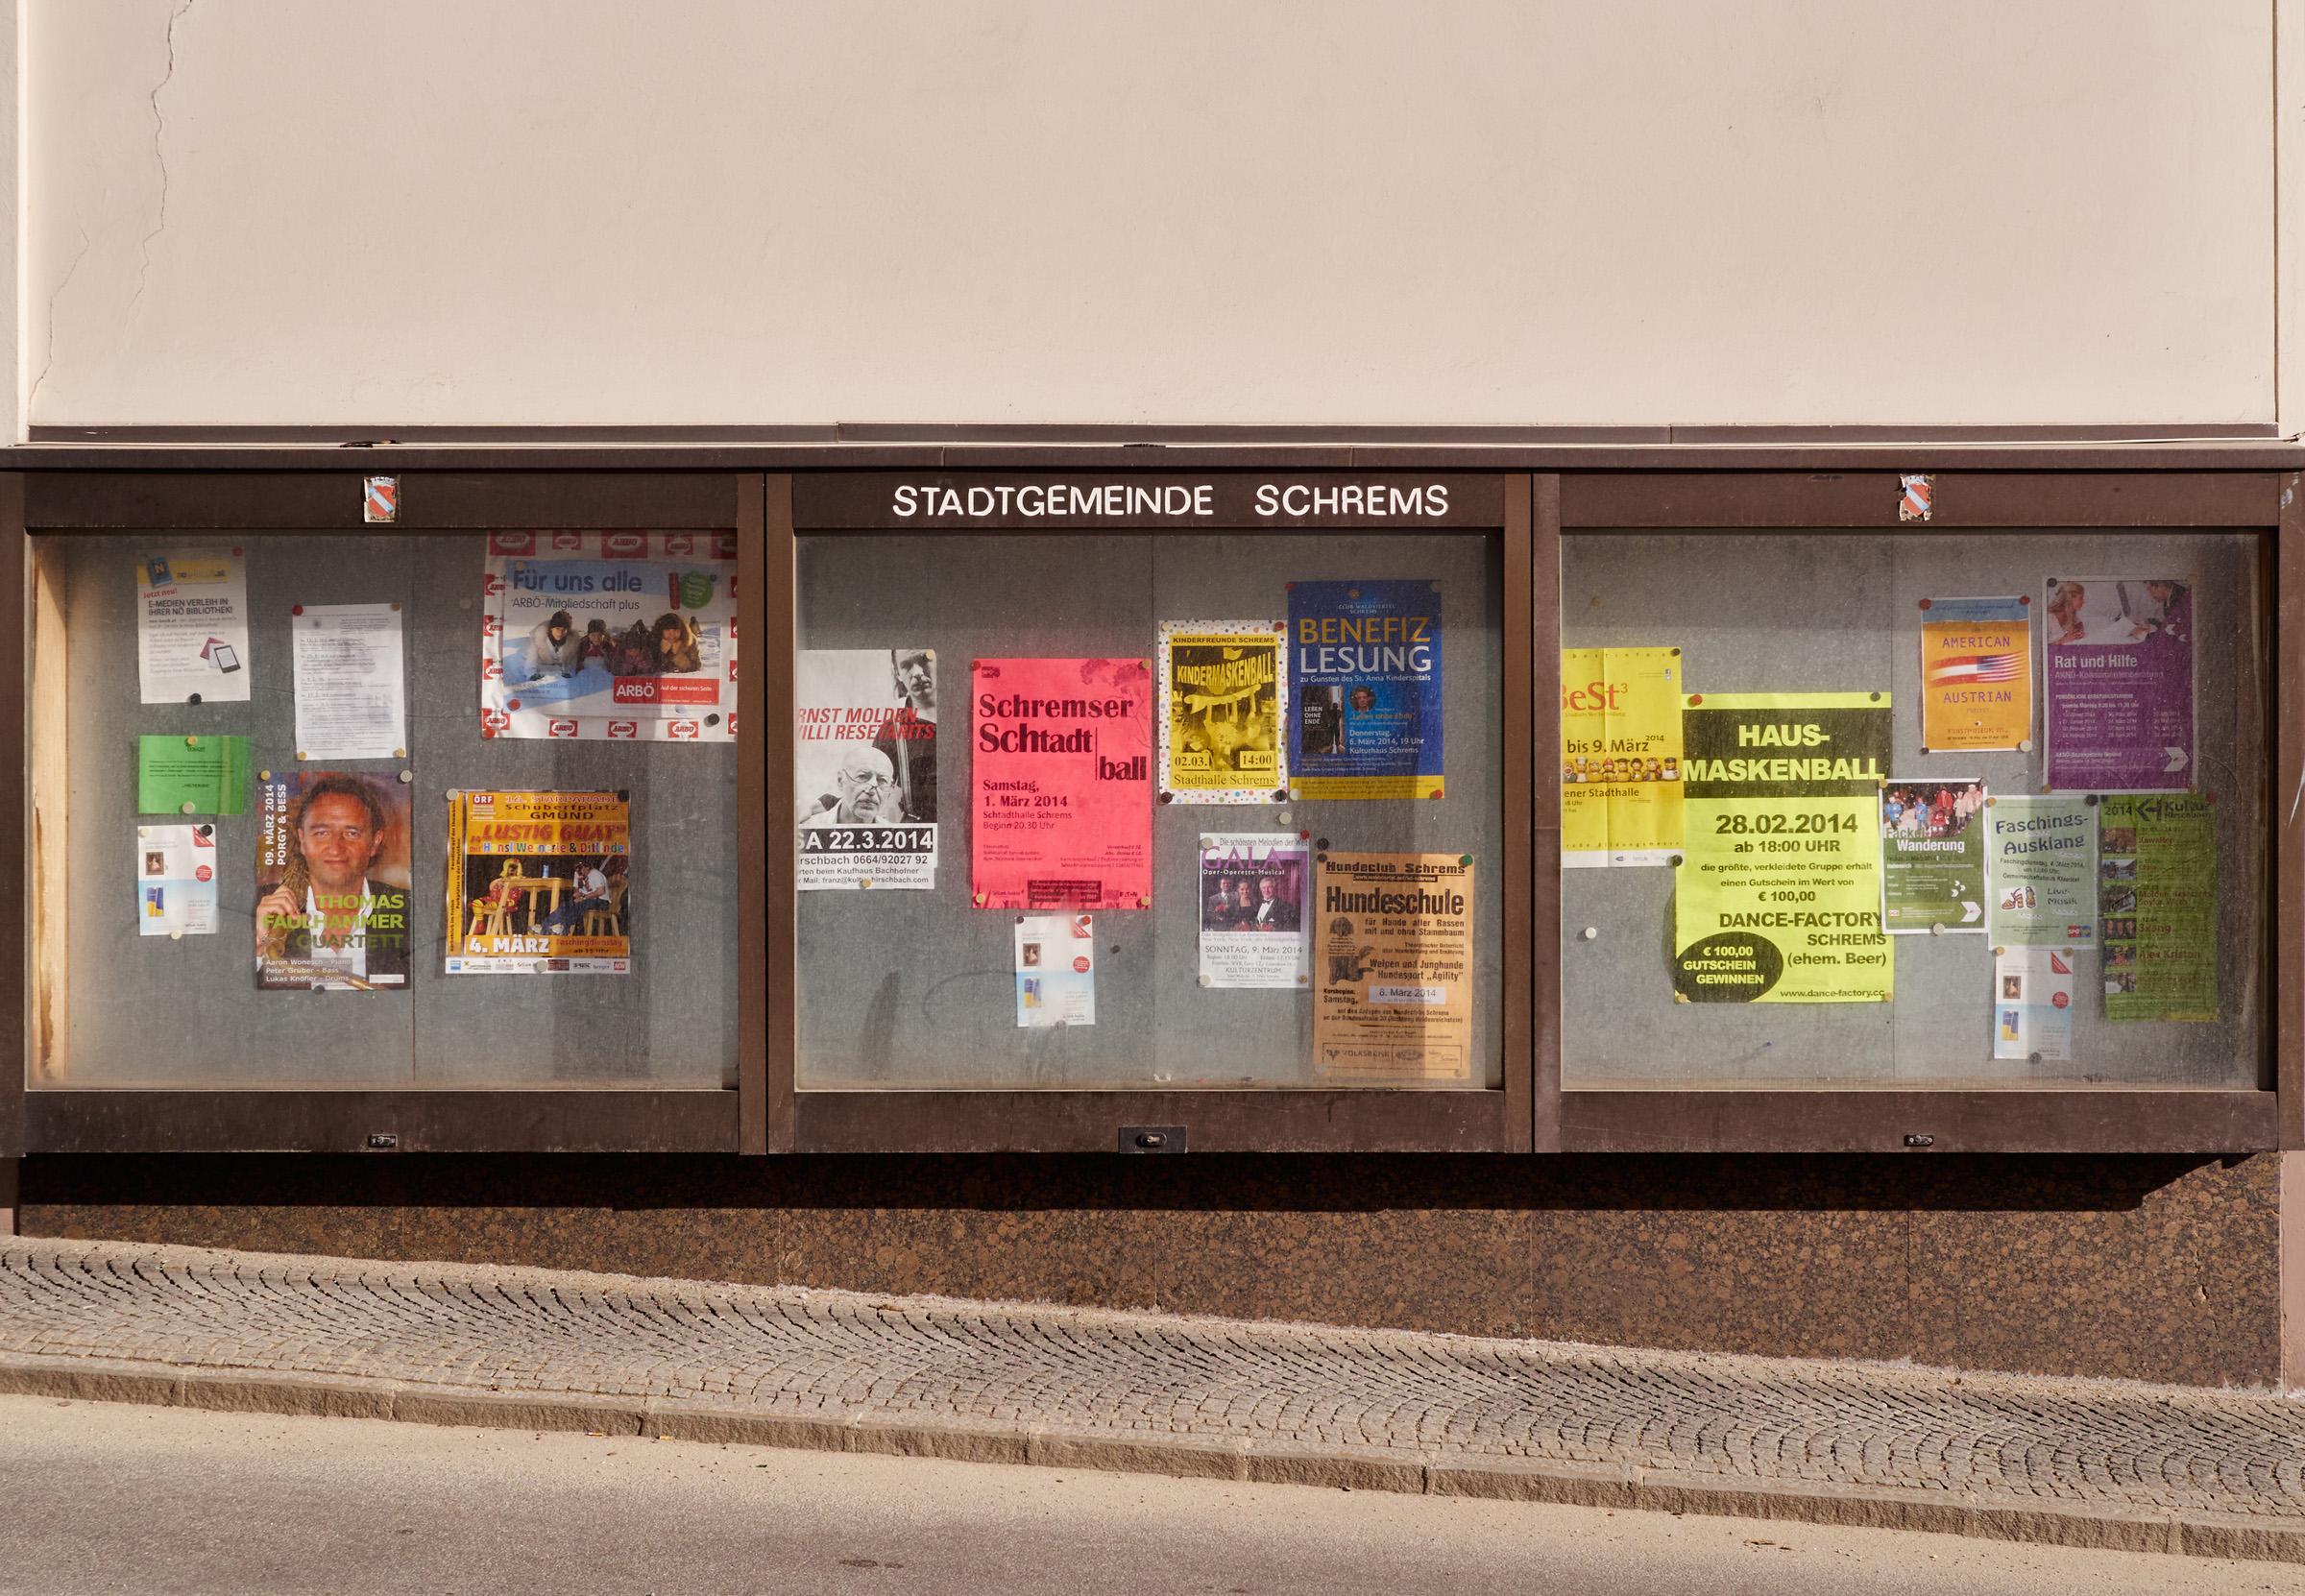 Schrems Josef-Widy-Straße nah 2014-02-28.jpg